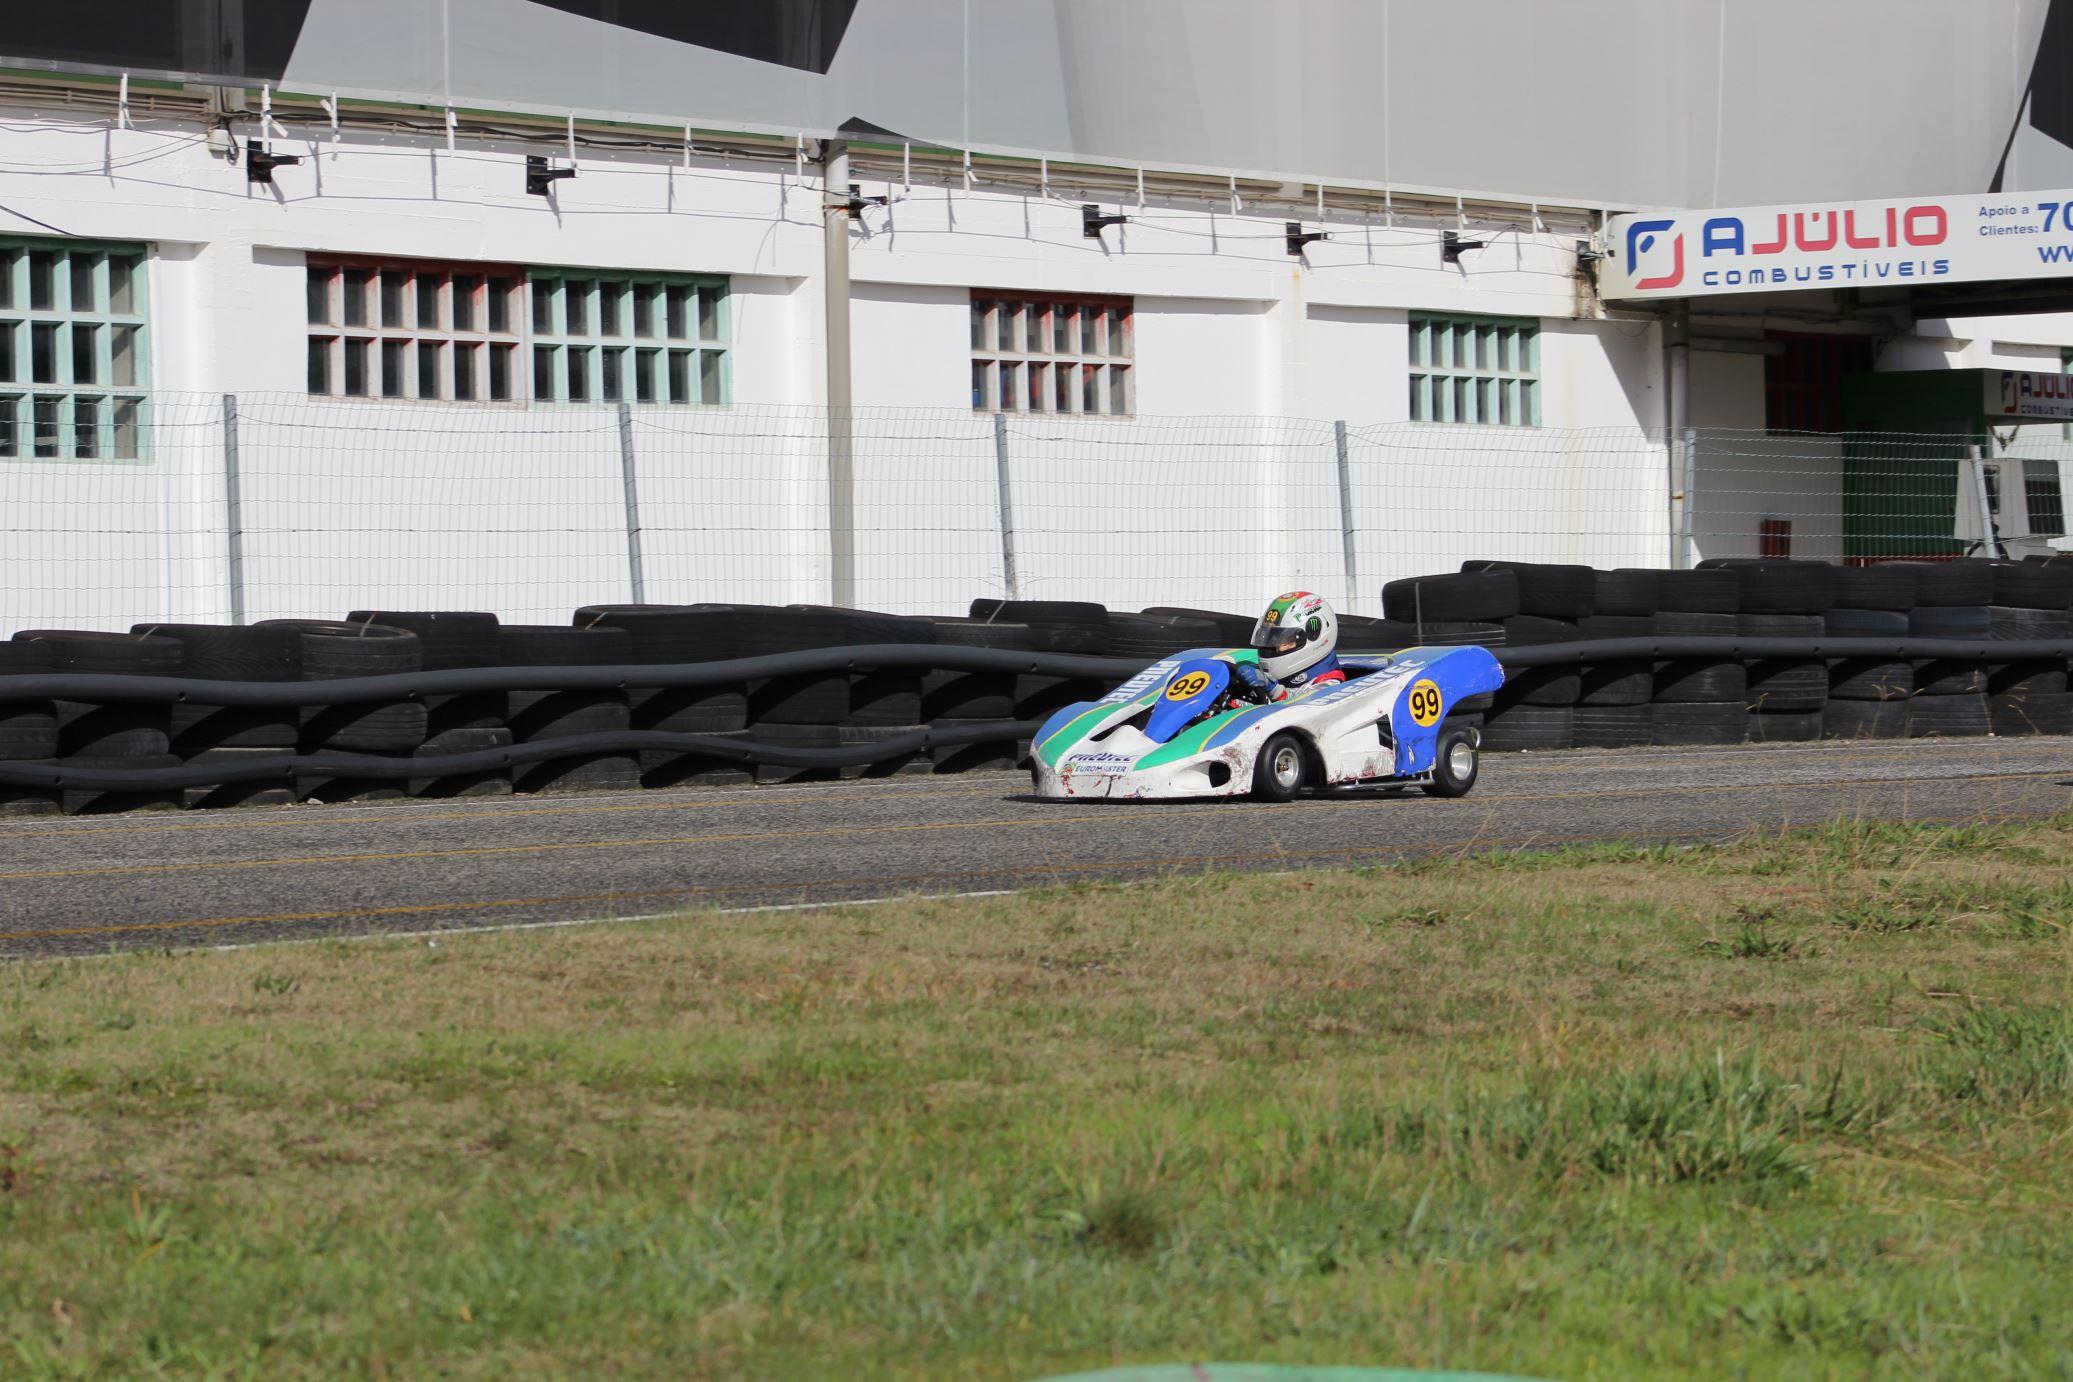 Troféu Honda 2014 - 5ª Prova60